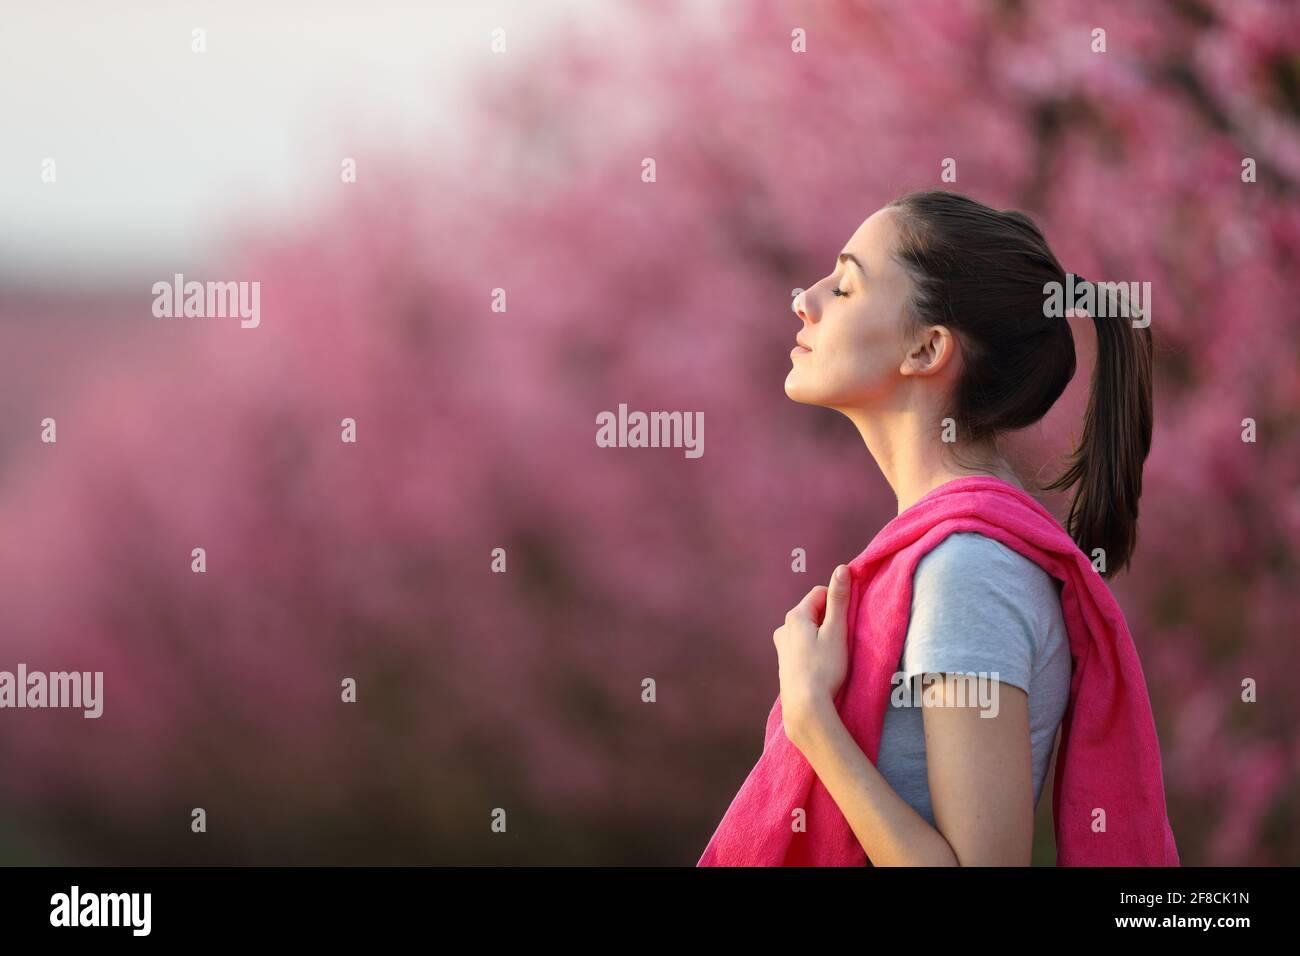 Perfil de una deportista que respira aire fresco después del deporte un campo de flujo rosa Foto de stock